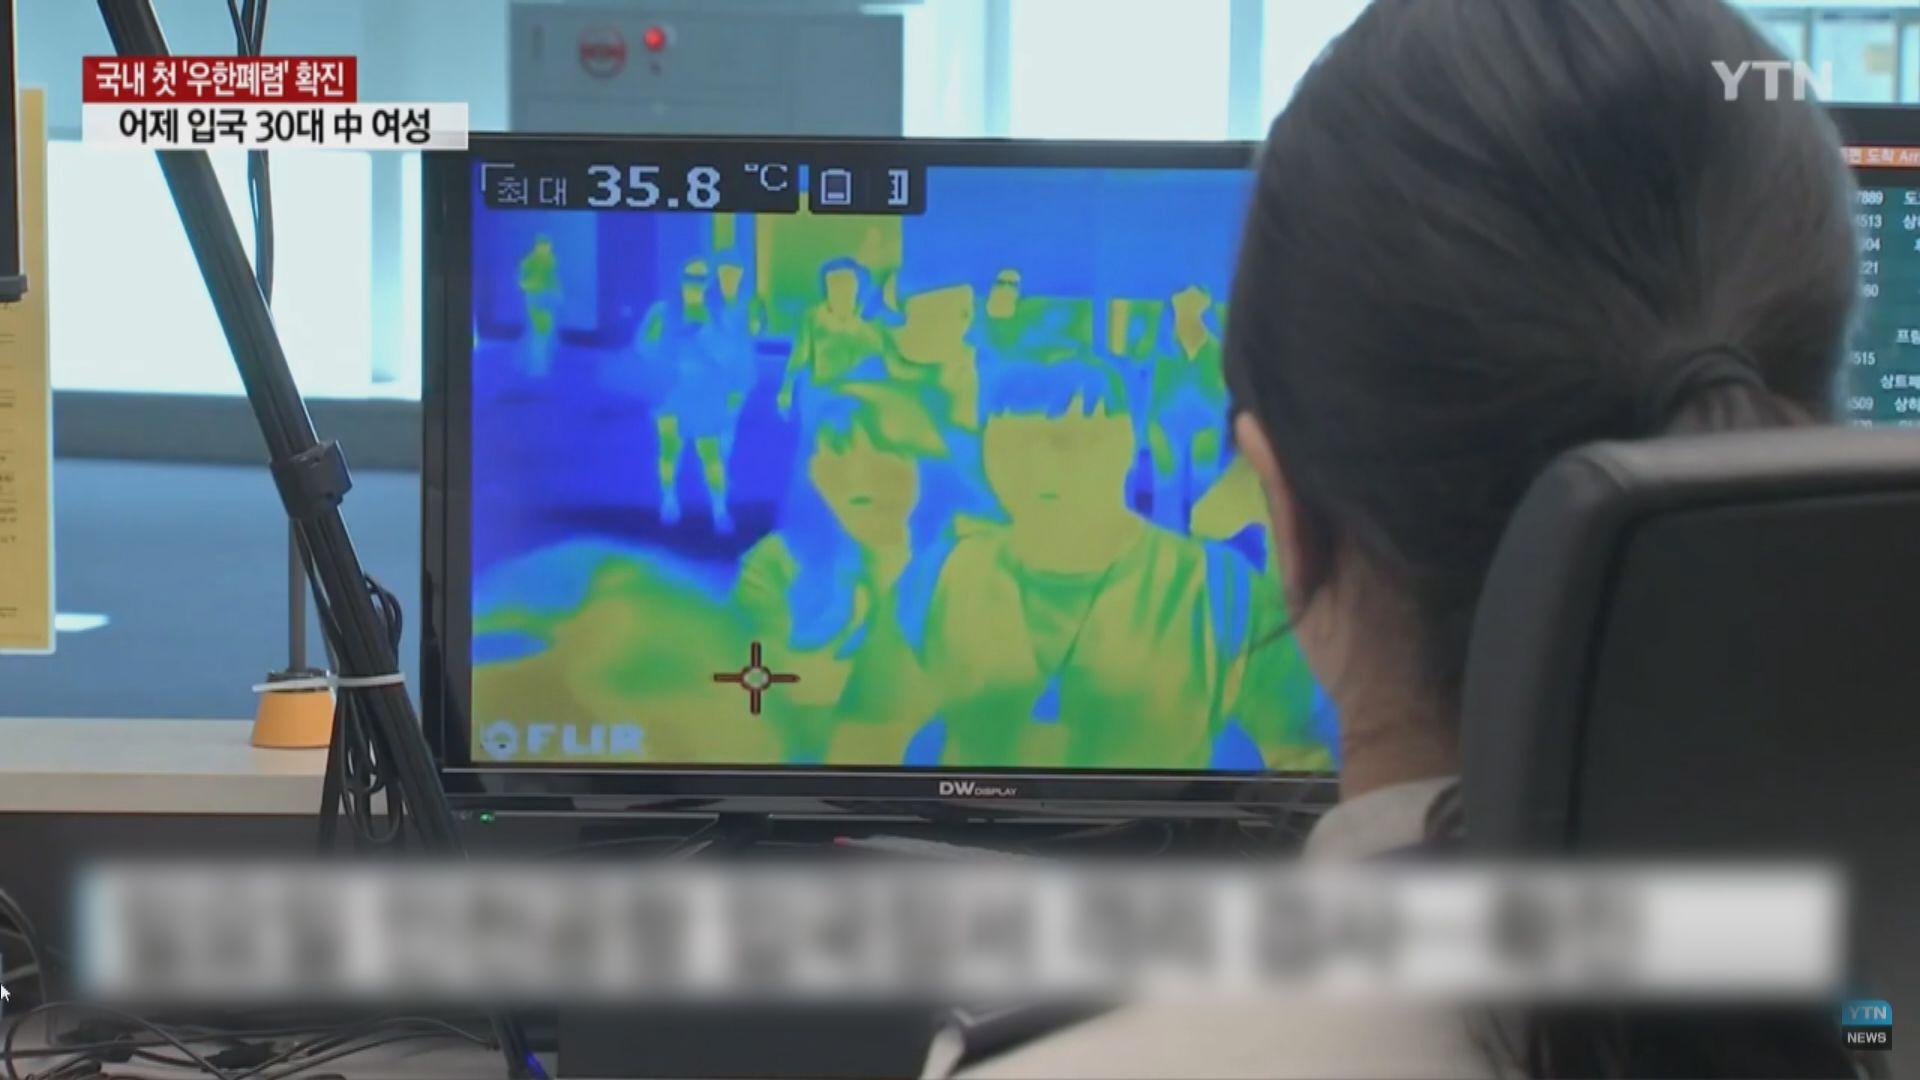 南韓列港澳為疫區 入境需提交健康問卷